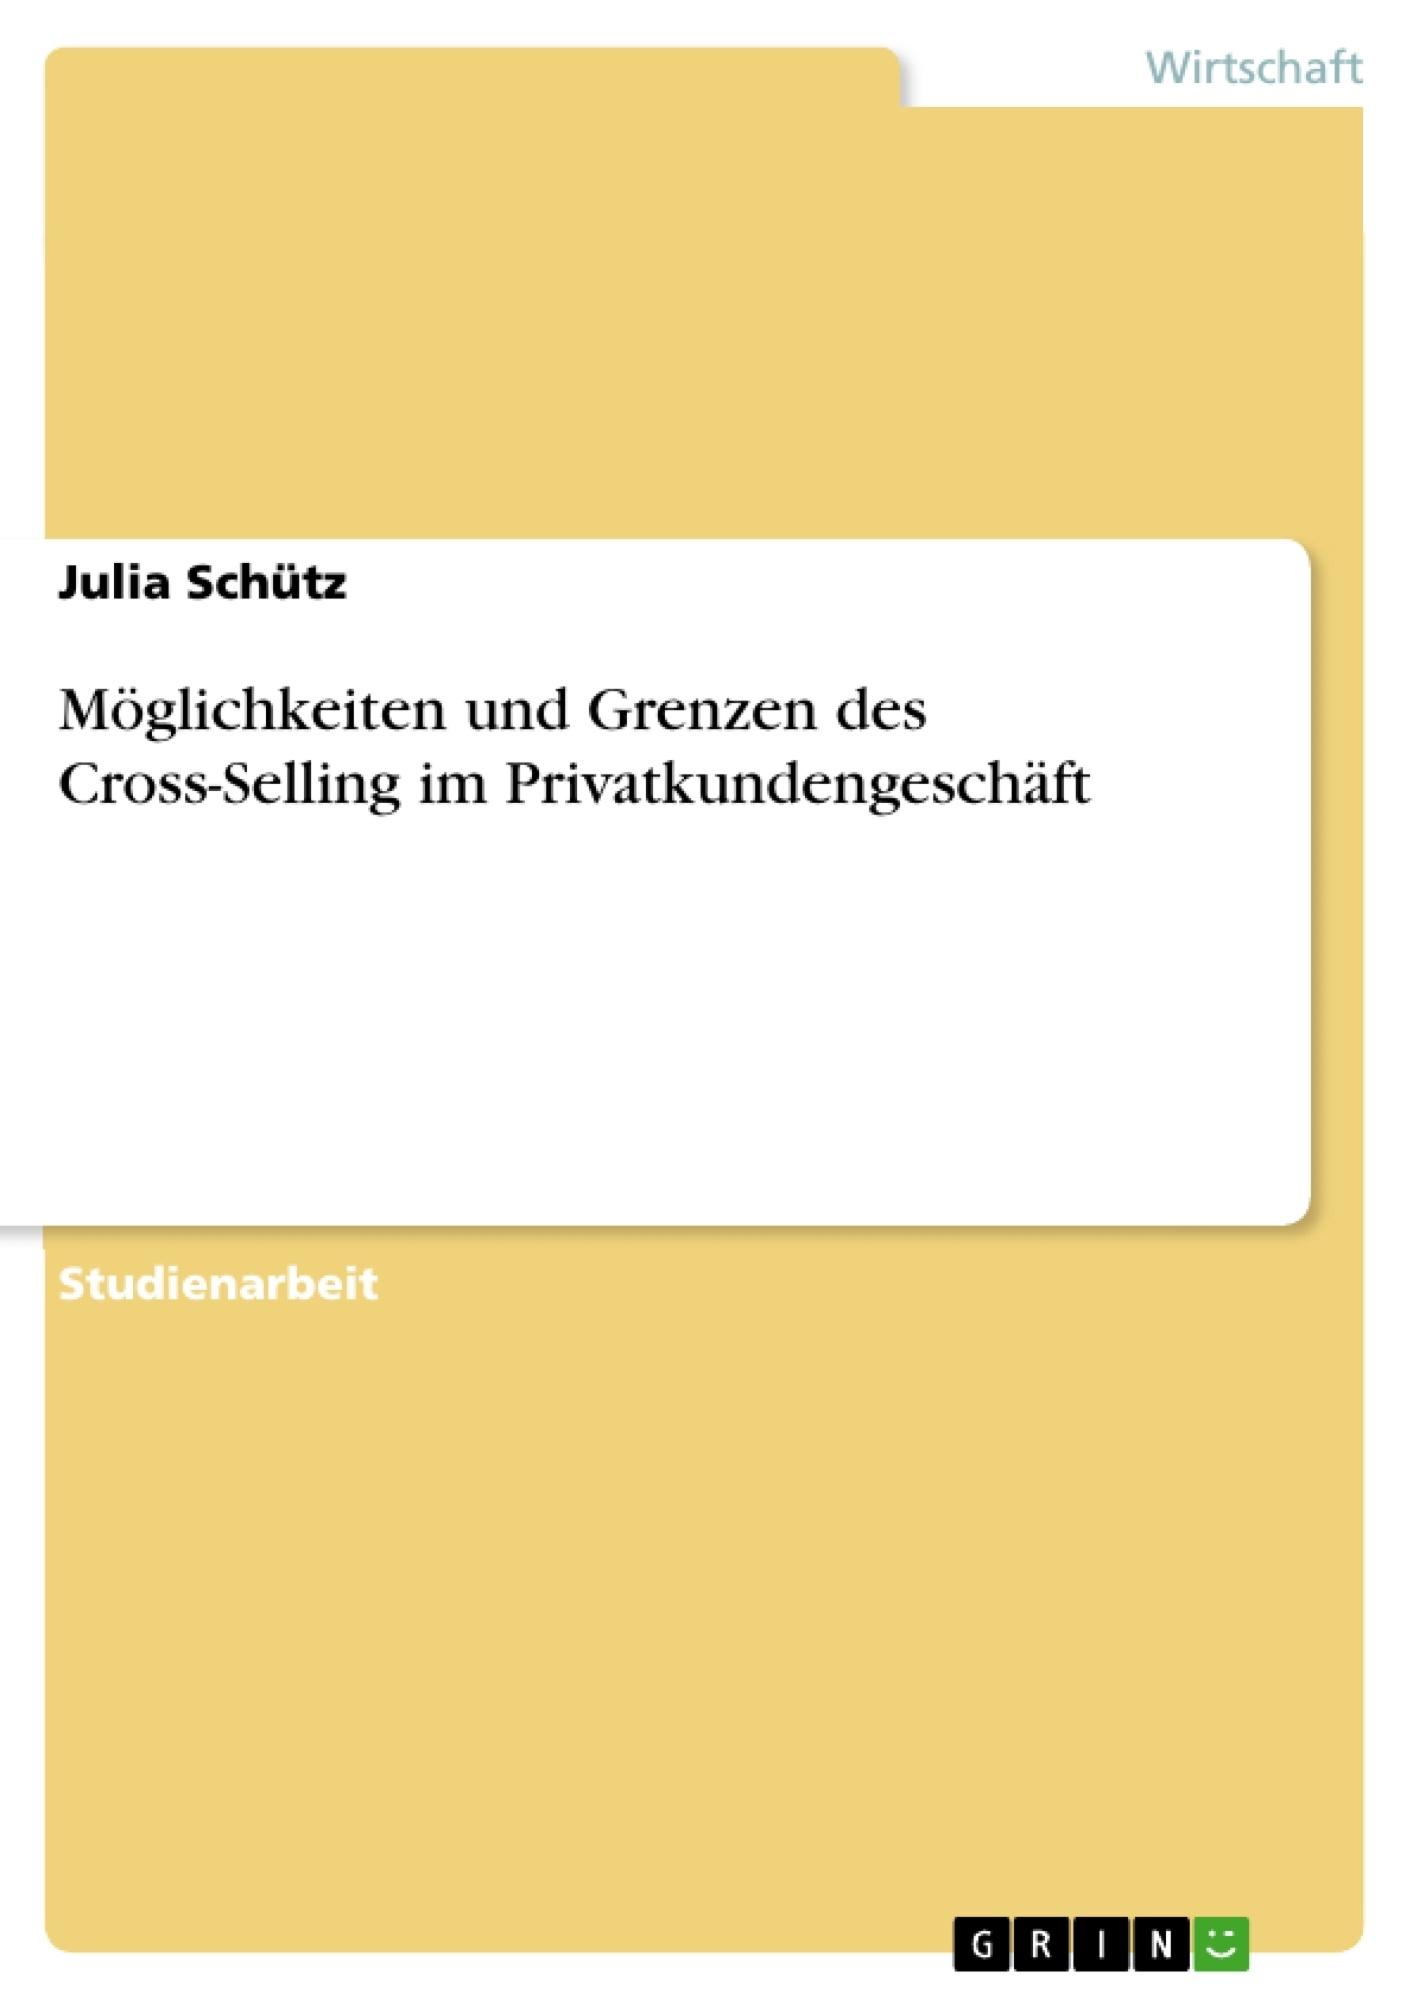 Titel: Möglichkeiten und Grenzen des Cross-Selling im Privatkundengeschäft